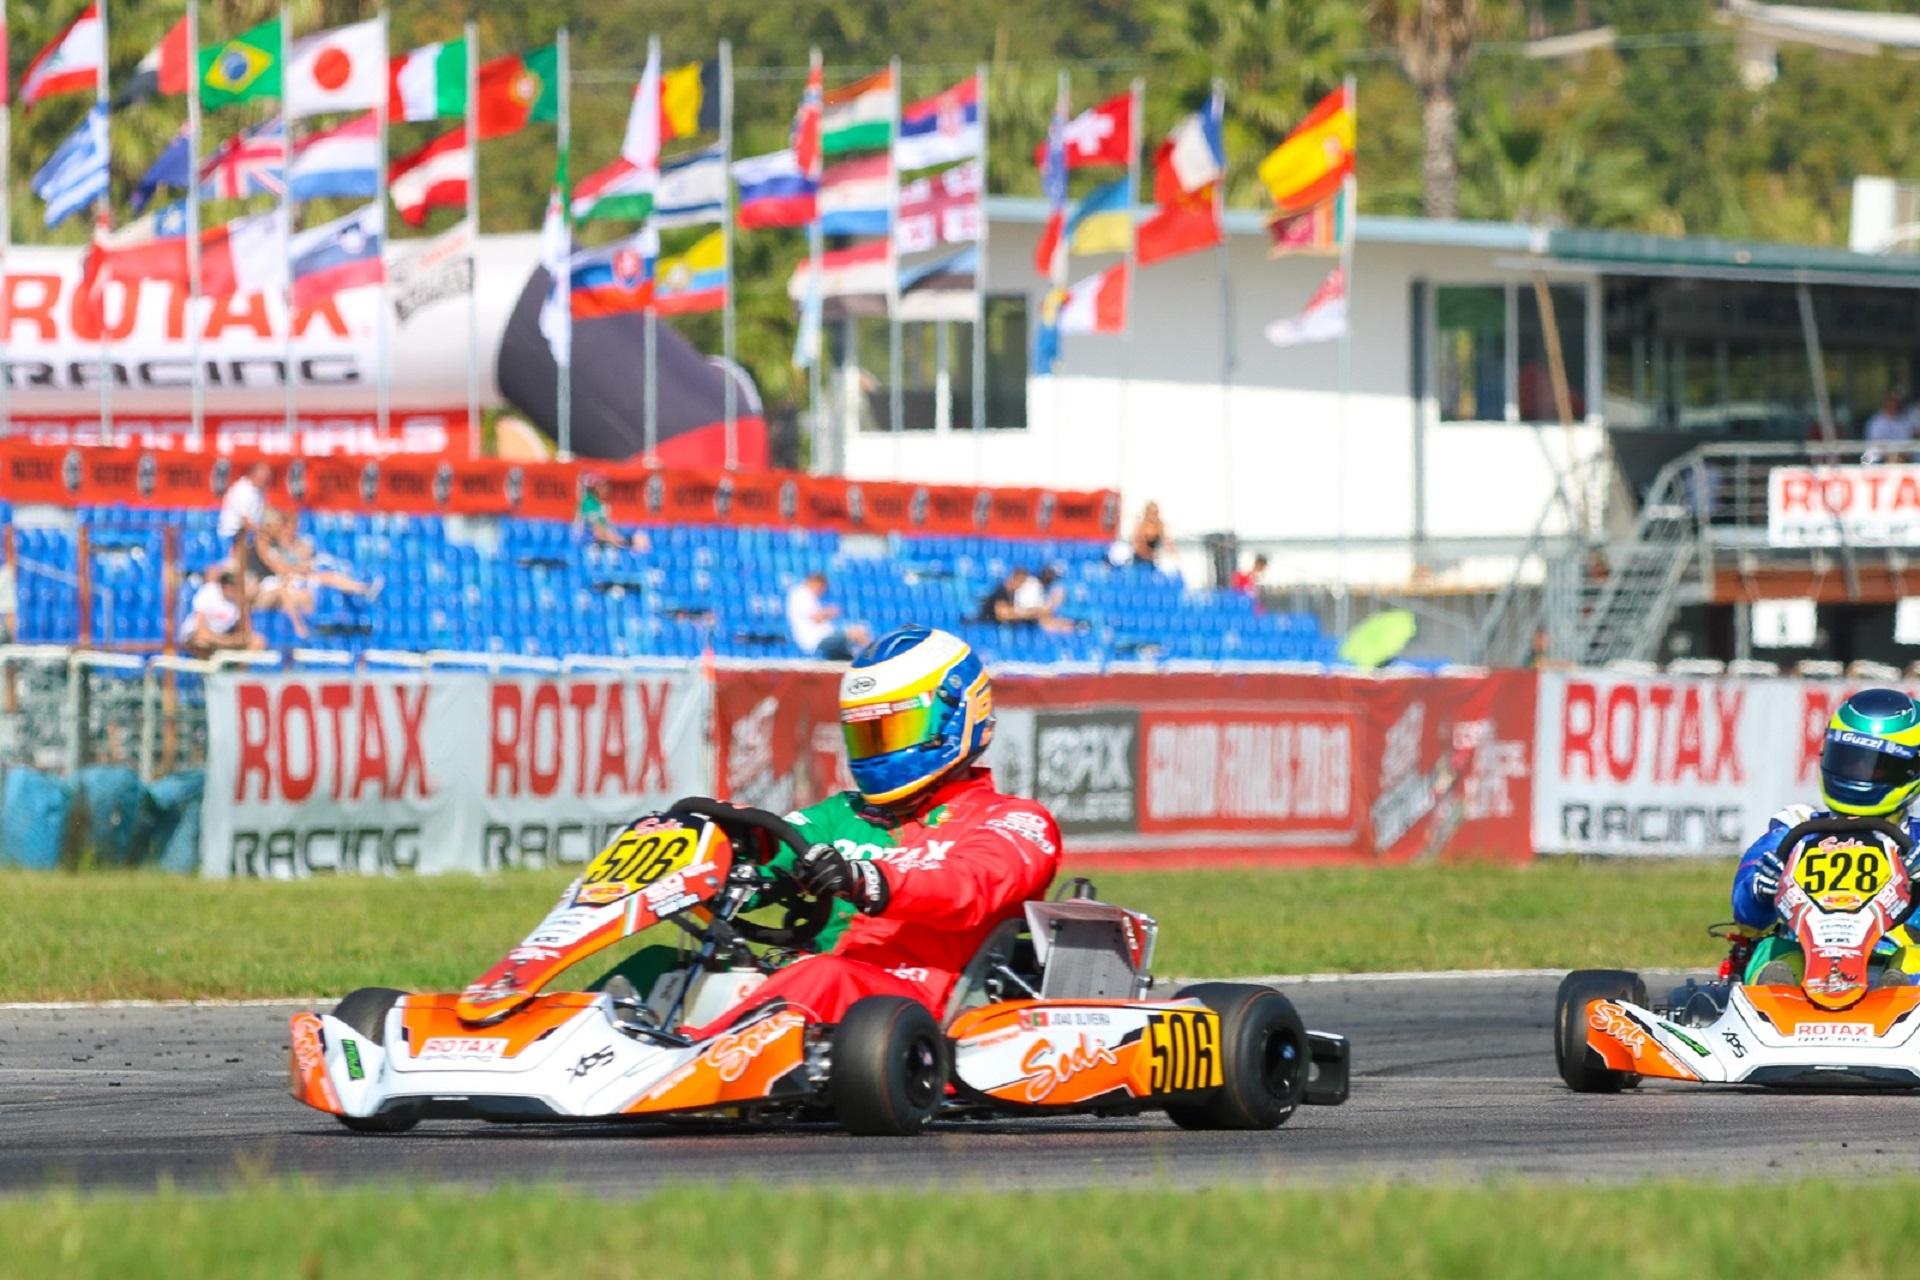 João Oliveira 16.º classificado na 1.ª manga do Mundial Rotax DD2 Master em Itália